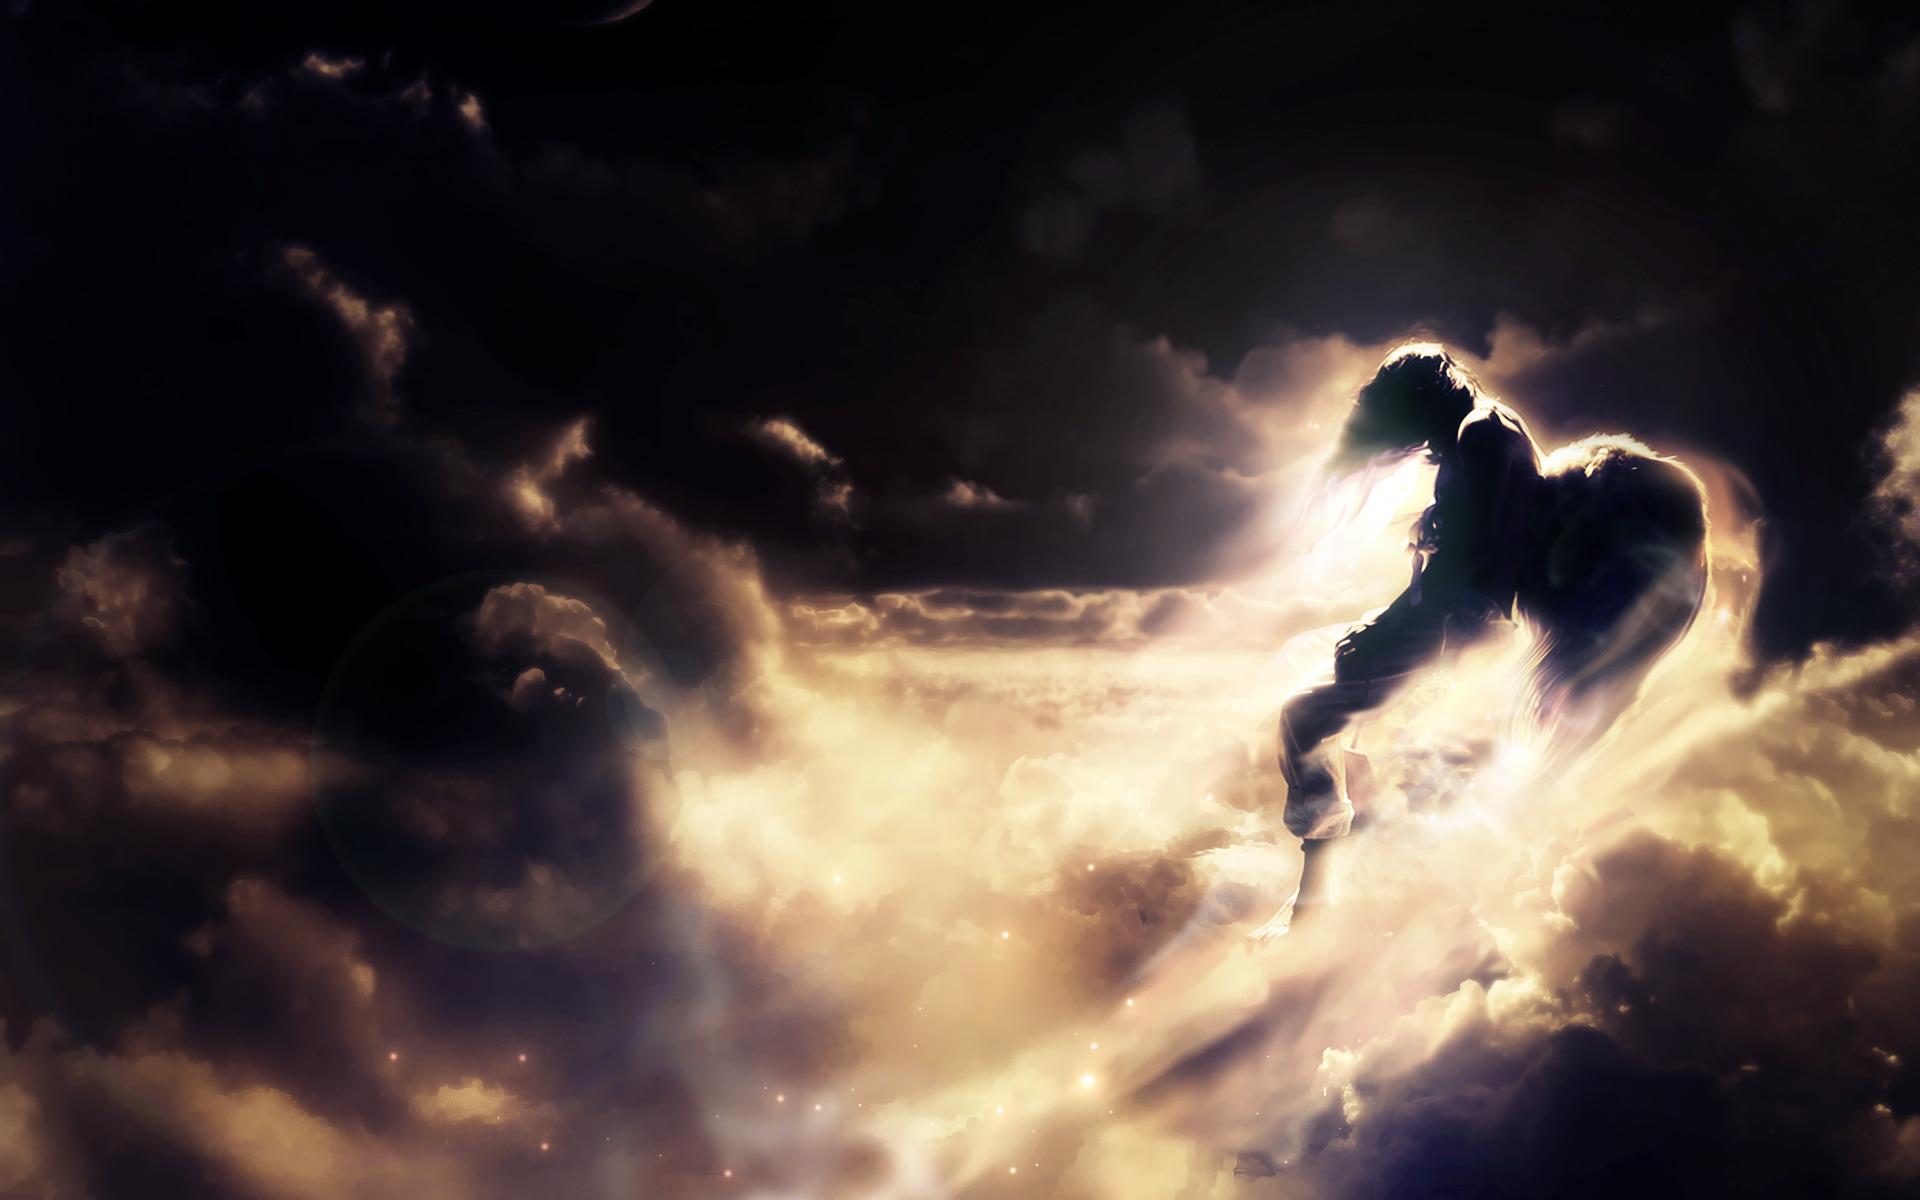 время картинки ангелы упали с небес каждый